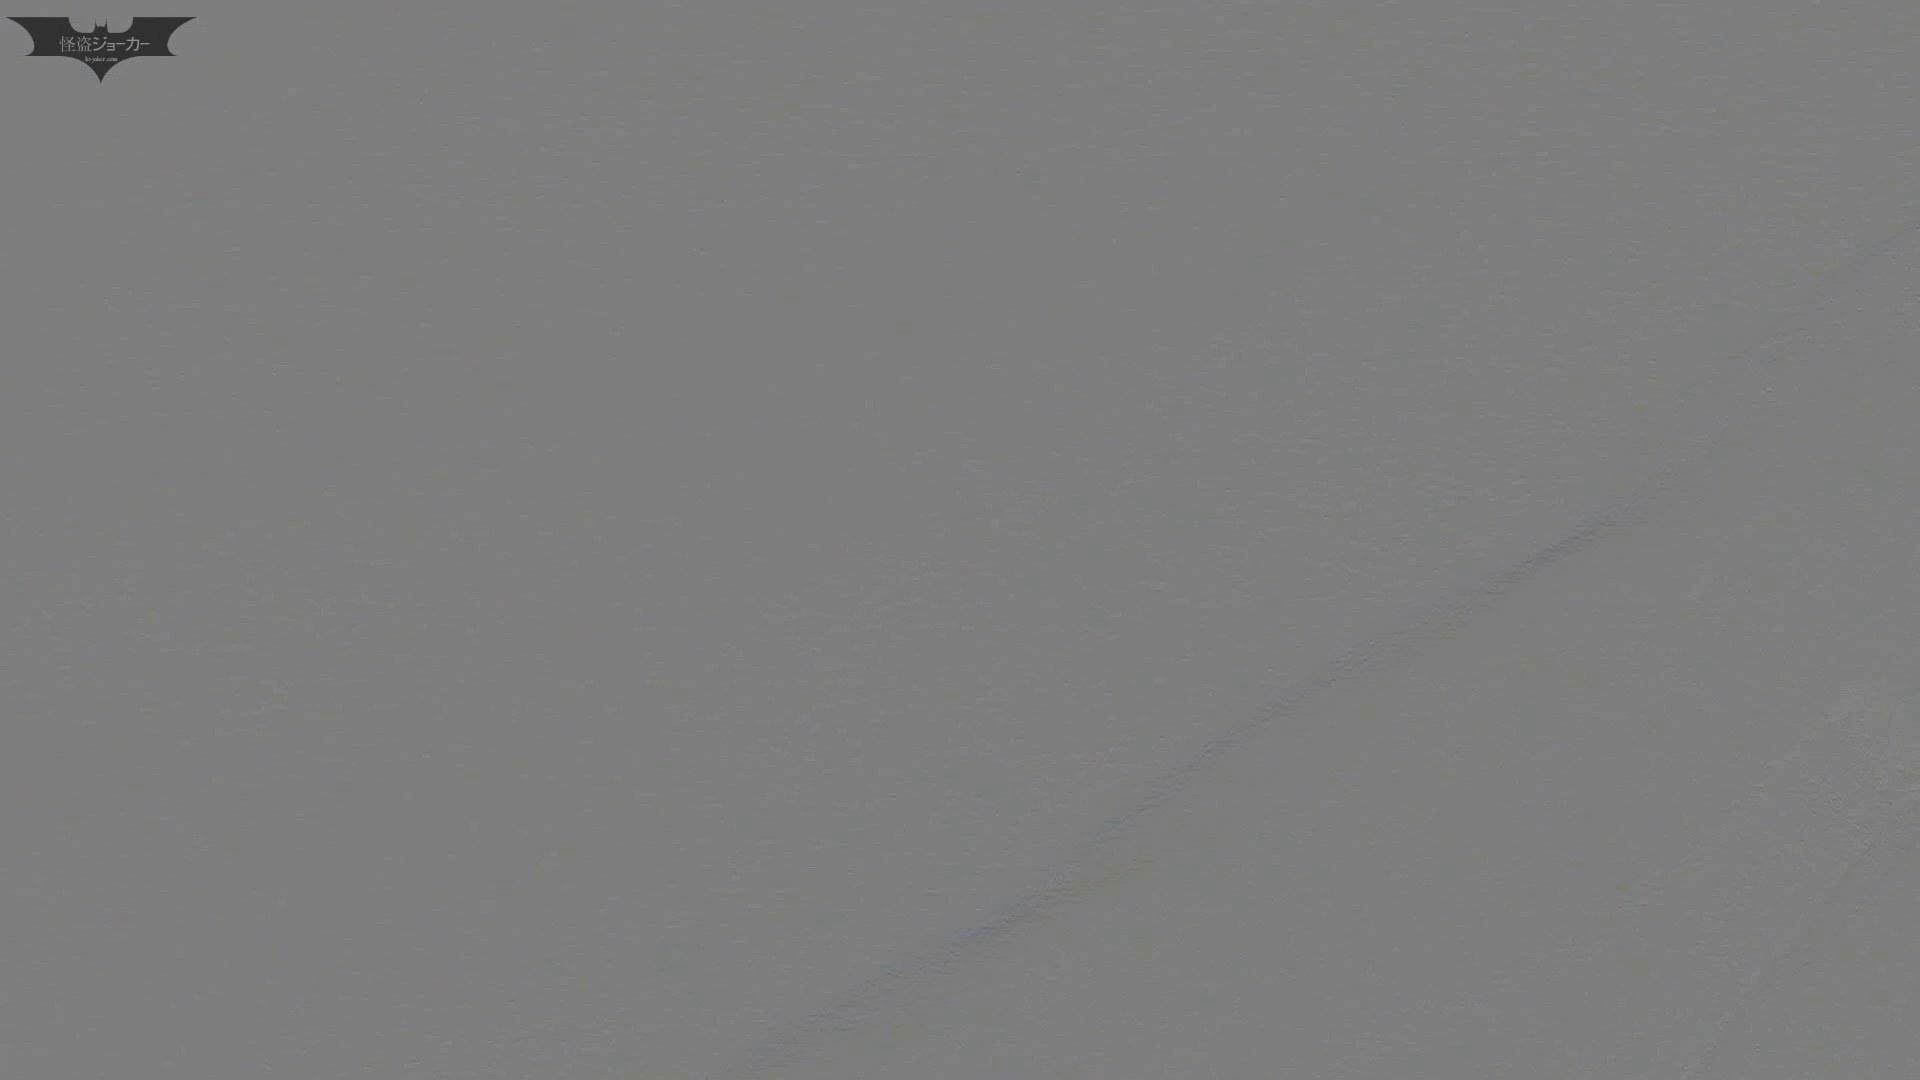 新世界の射窓 No64日本ギャル登場か?ハイヒール大特集! ギャルハメ撮り  62Pix 13